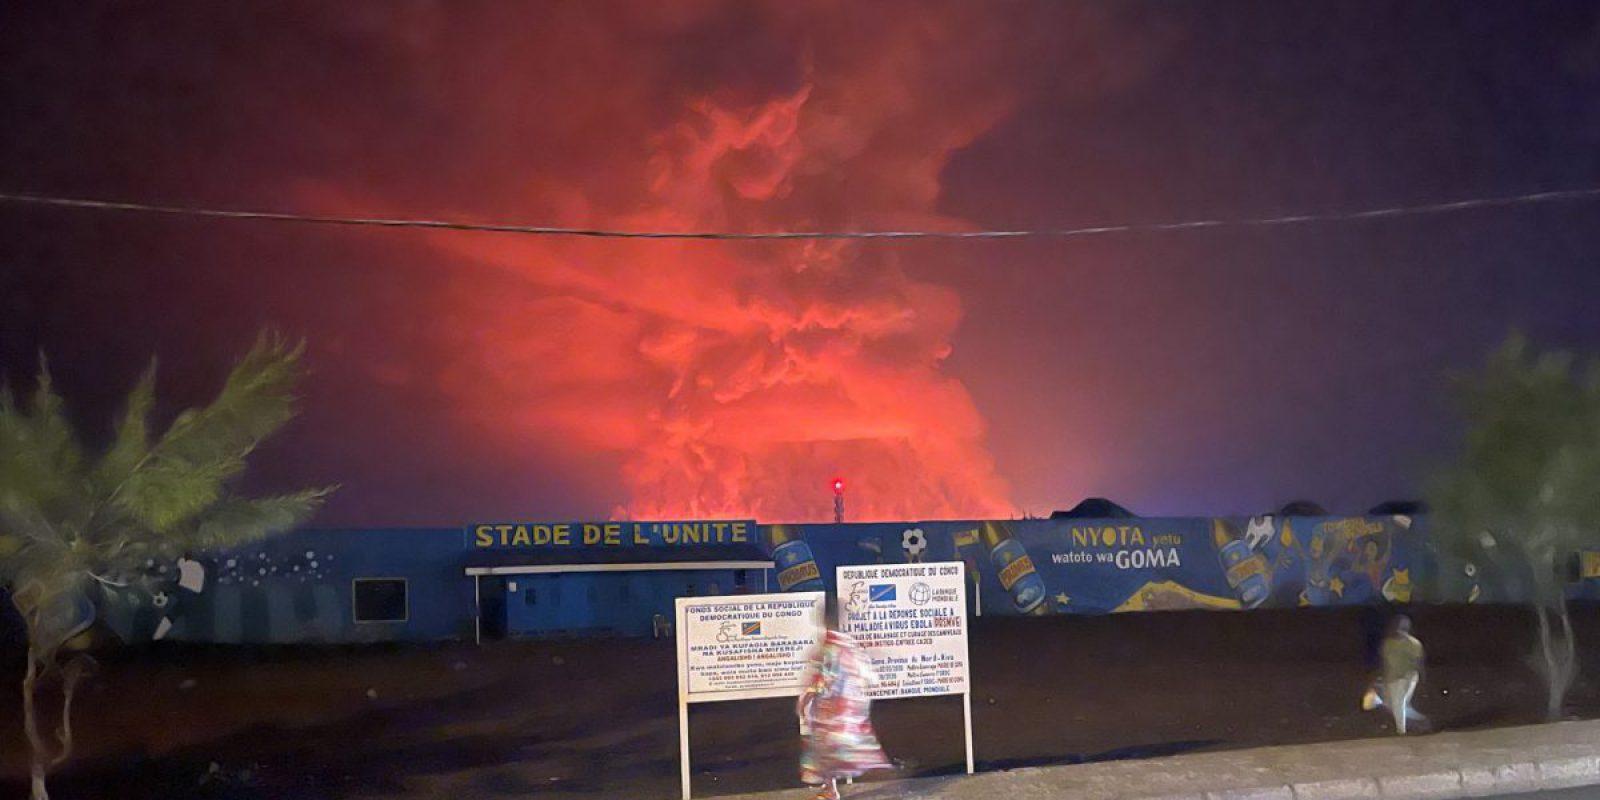 L' éruption massive du Mont Nyiragongo en République démocratique du Congo. (Jesuit Refugee Service)